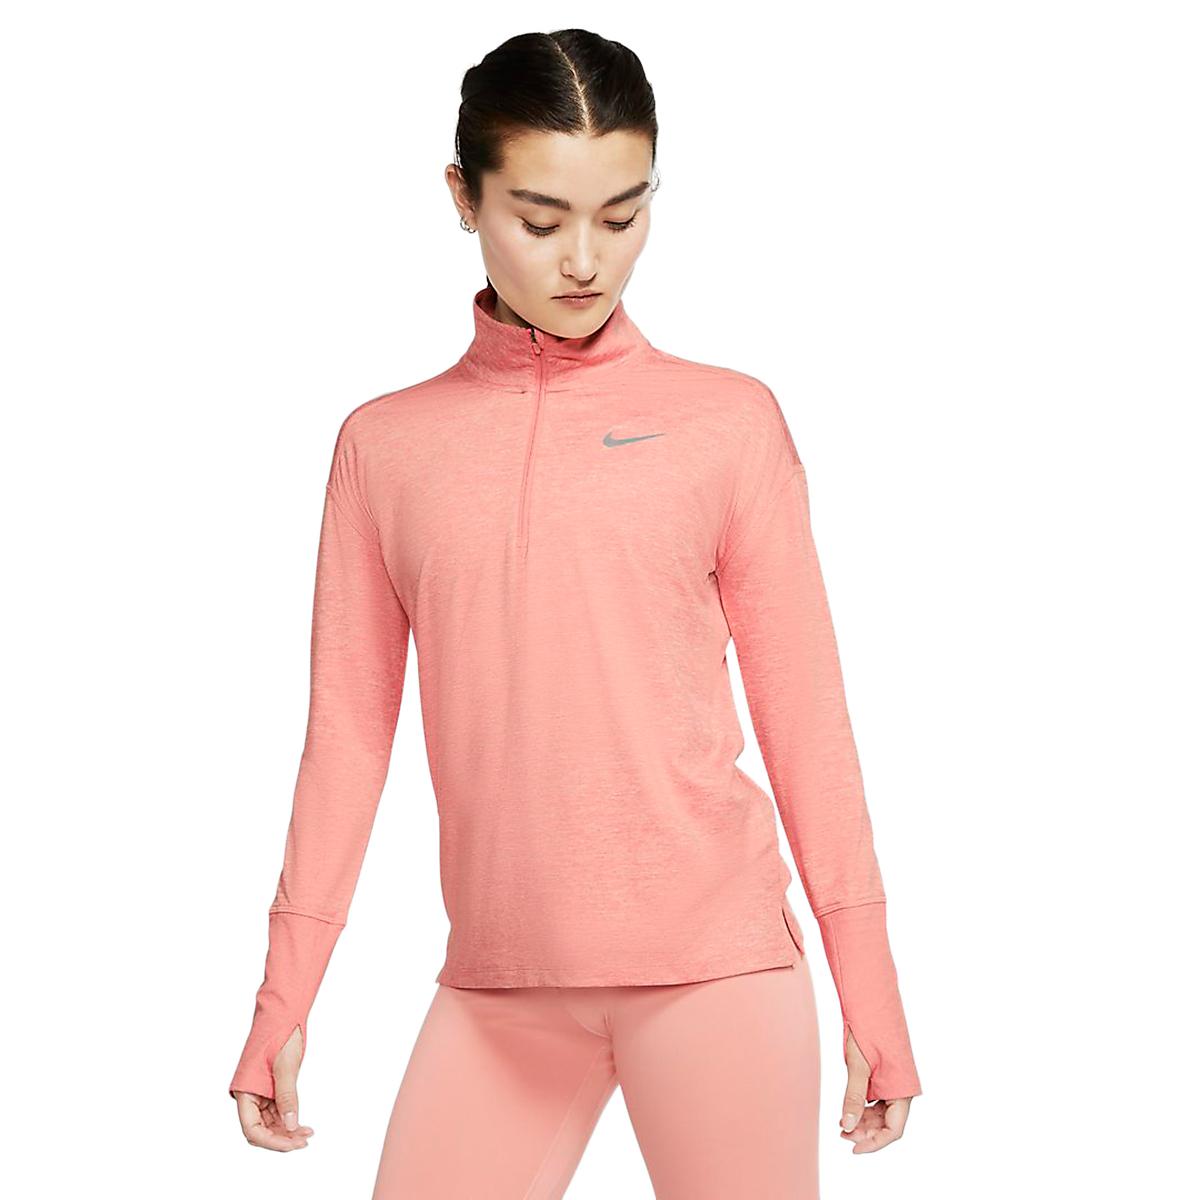 Women's Nike Element Top Half Zip, , large, image 1